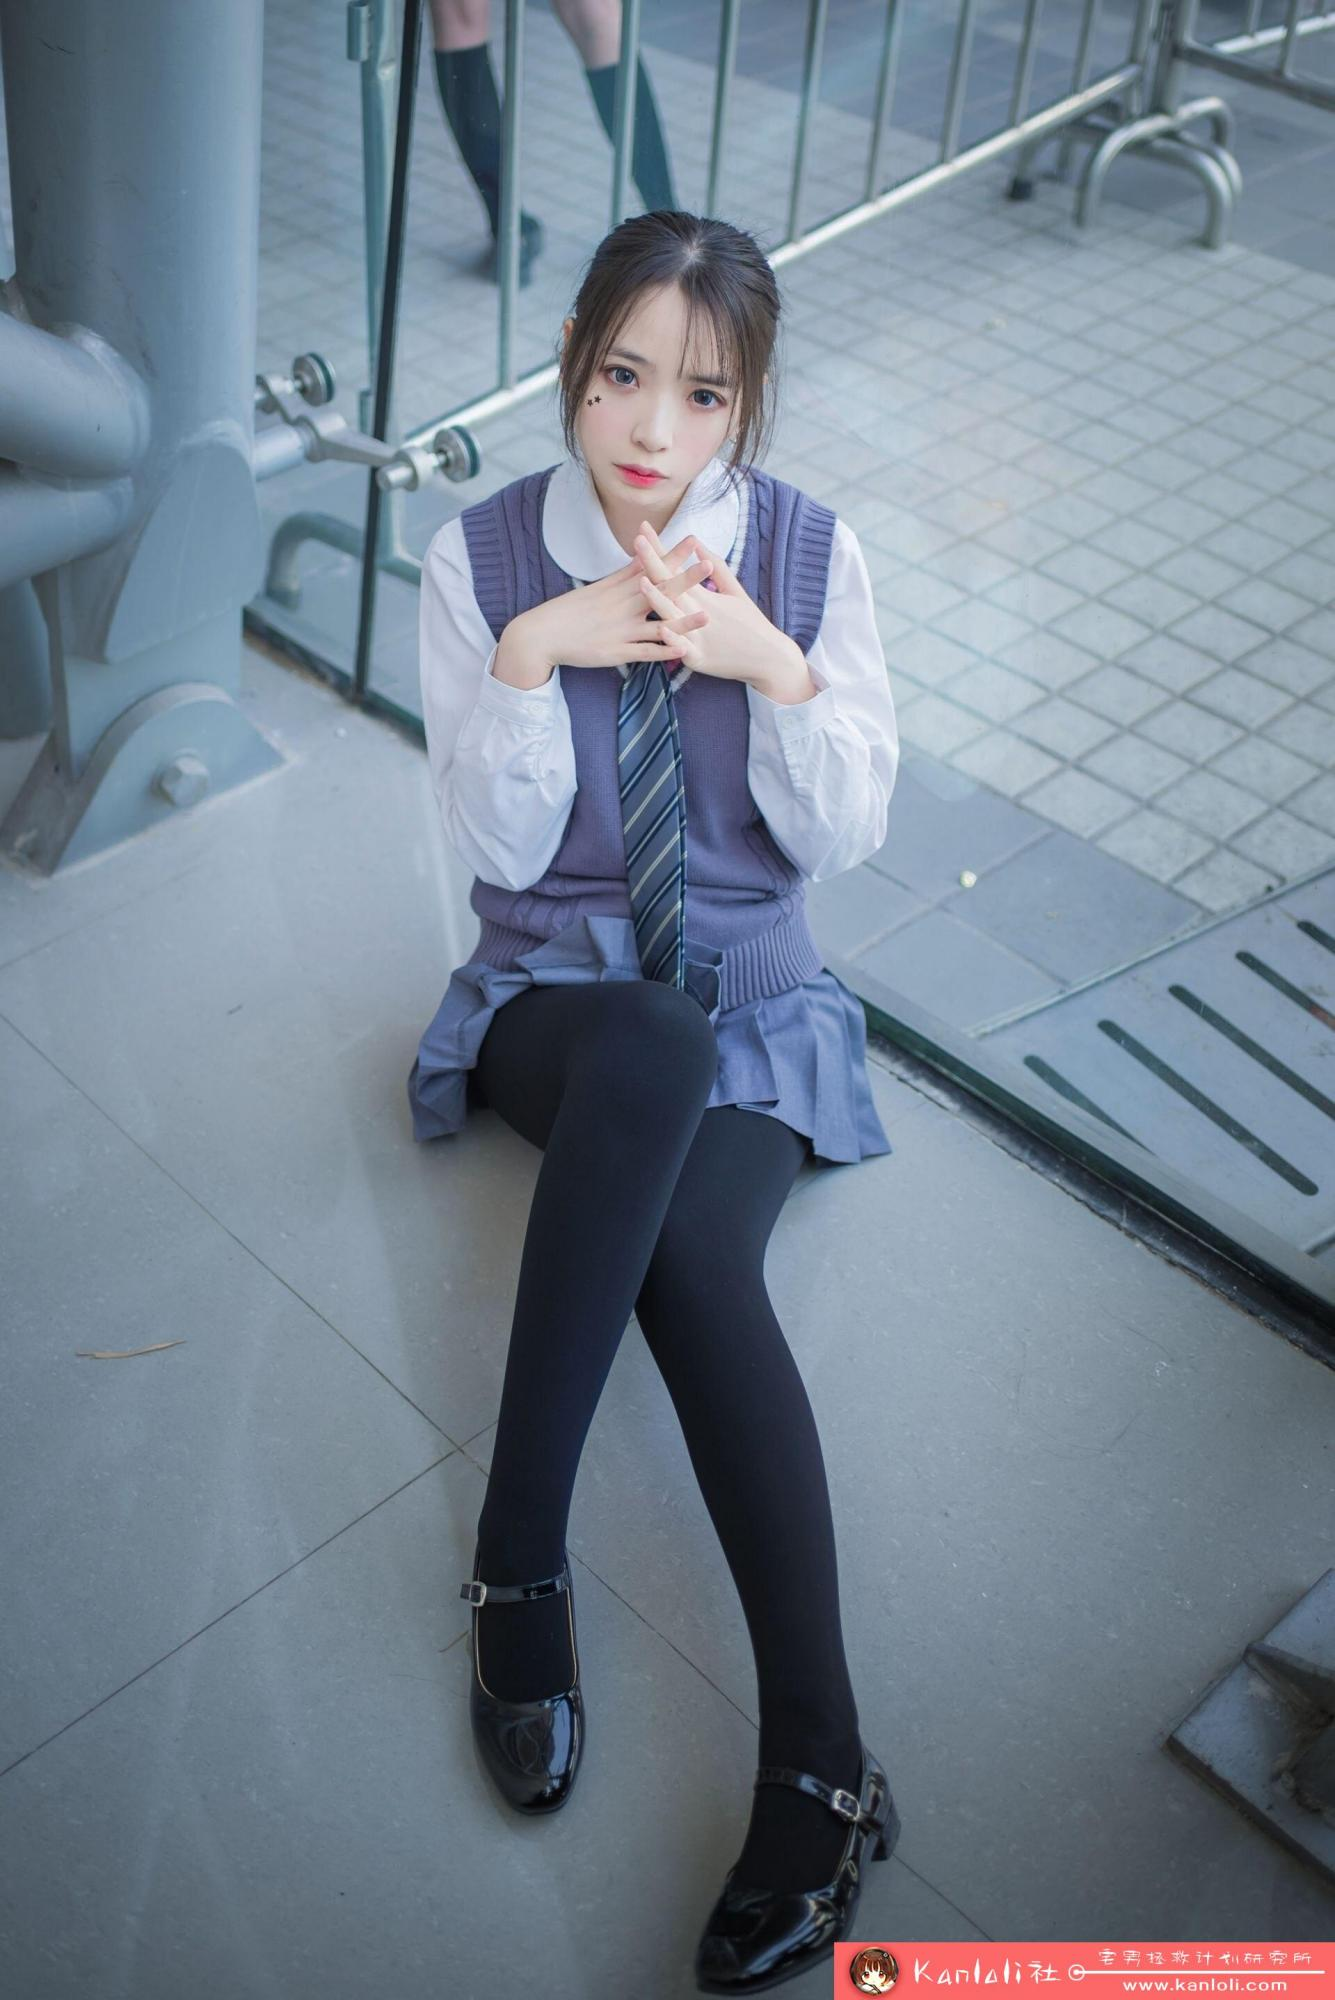 【疯猫ss】疯猫ss写真-FM-030 展馆随拍 [8P]